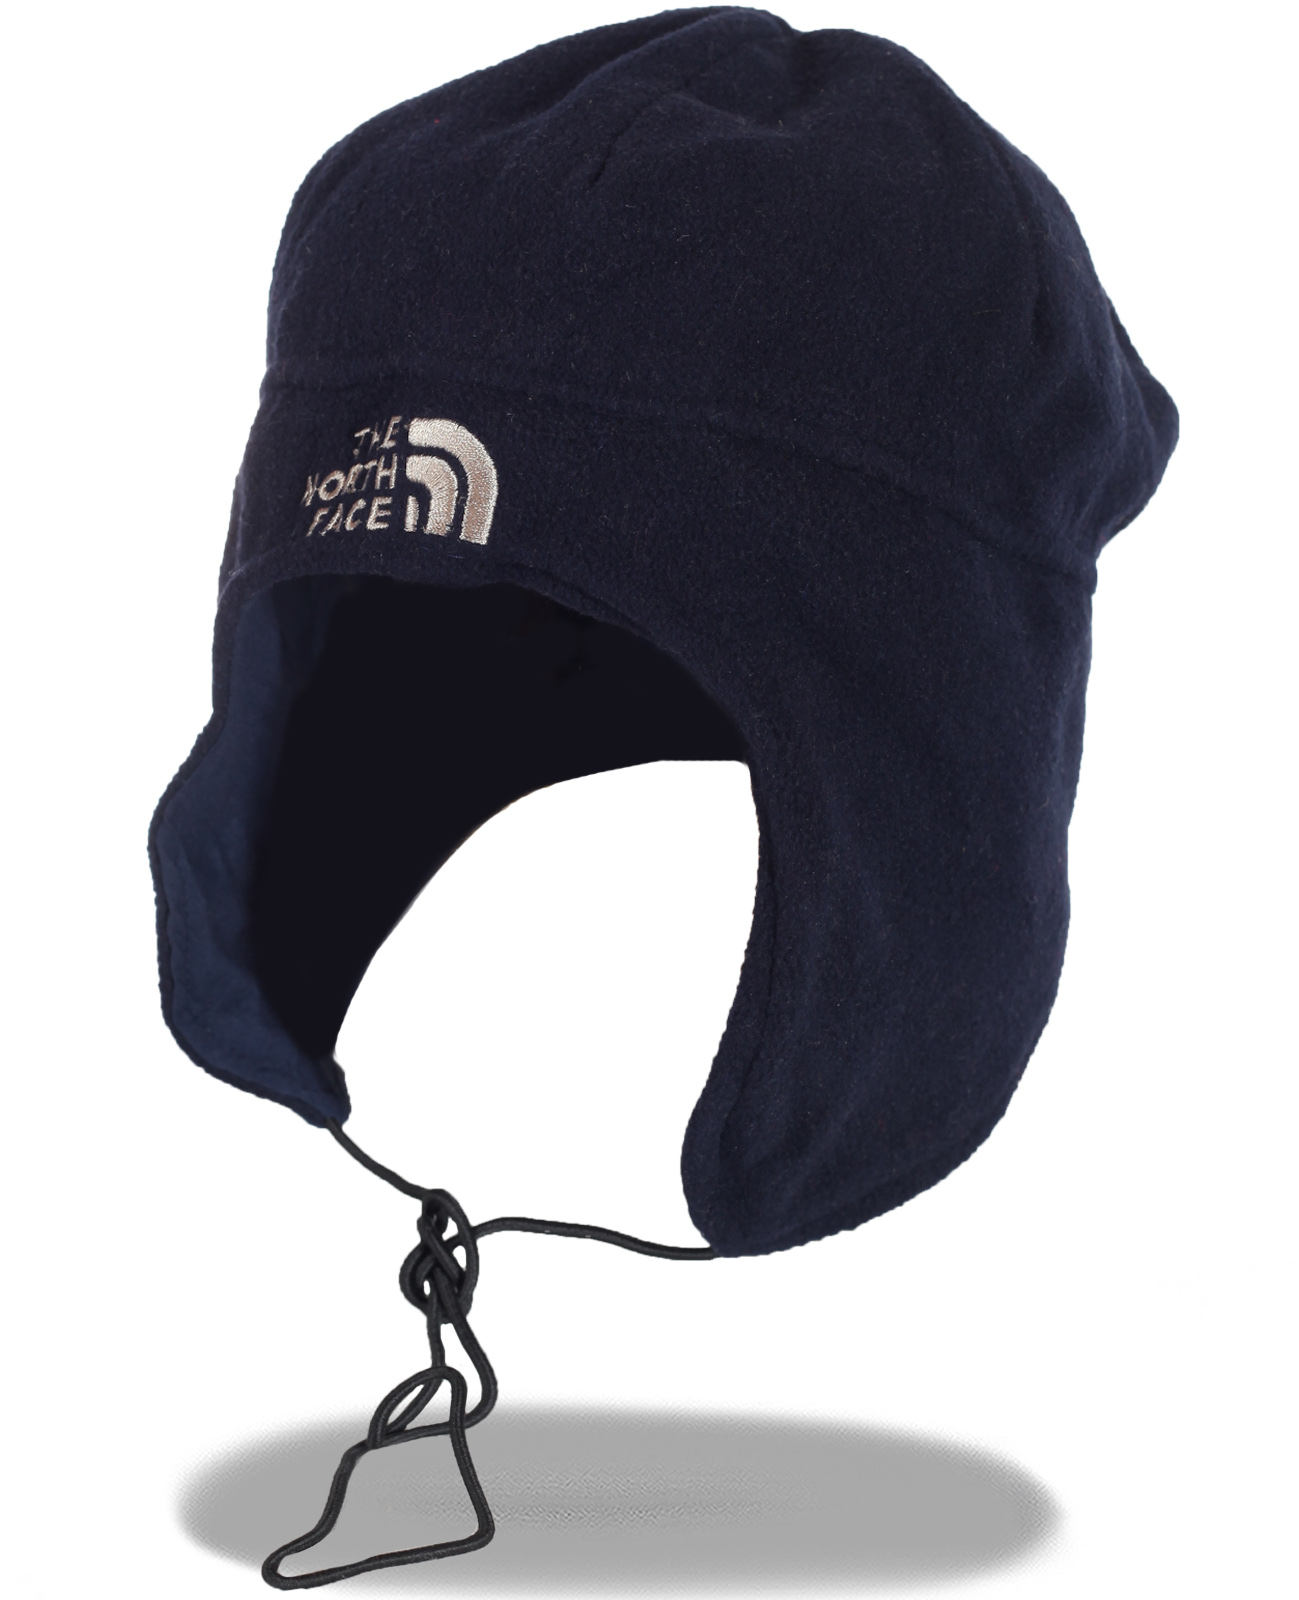 Глубокая мужская флисовая шапка с ушами. Согреет в любую непогоду. Комфортный мягкий уютный аксессуар